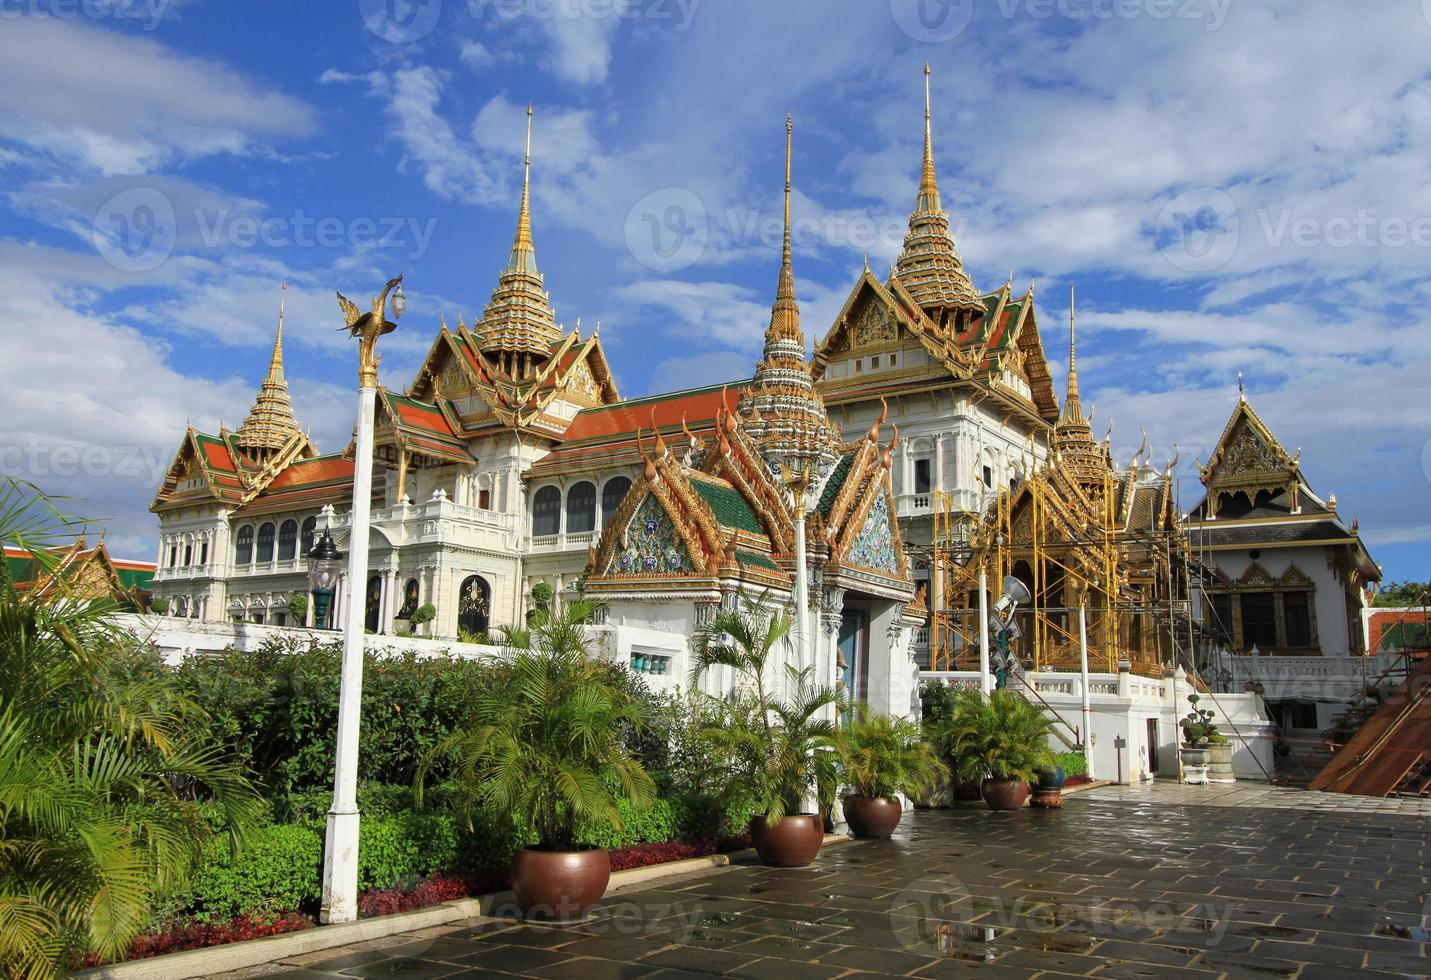 Grand Palace in Bangkok, Thailand. photo